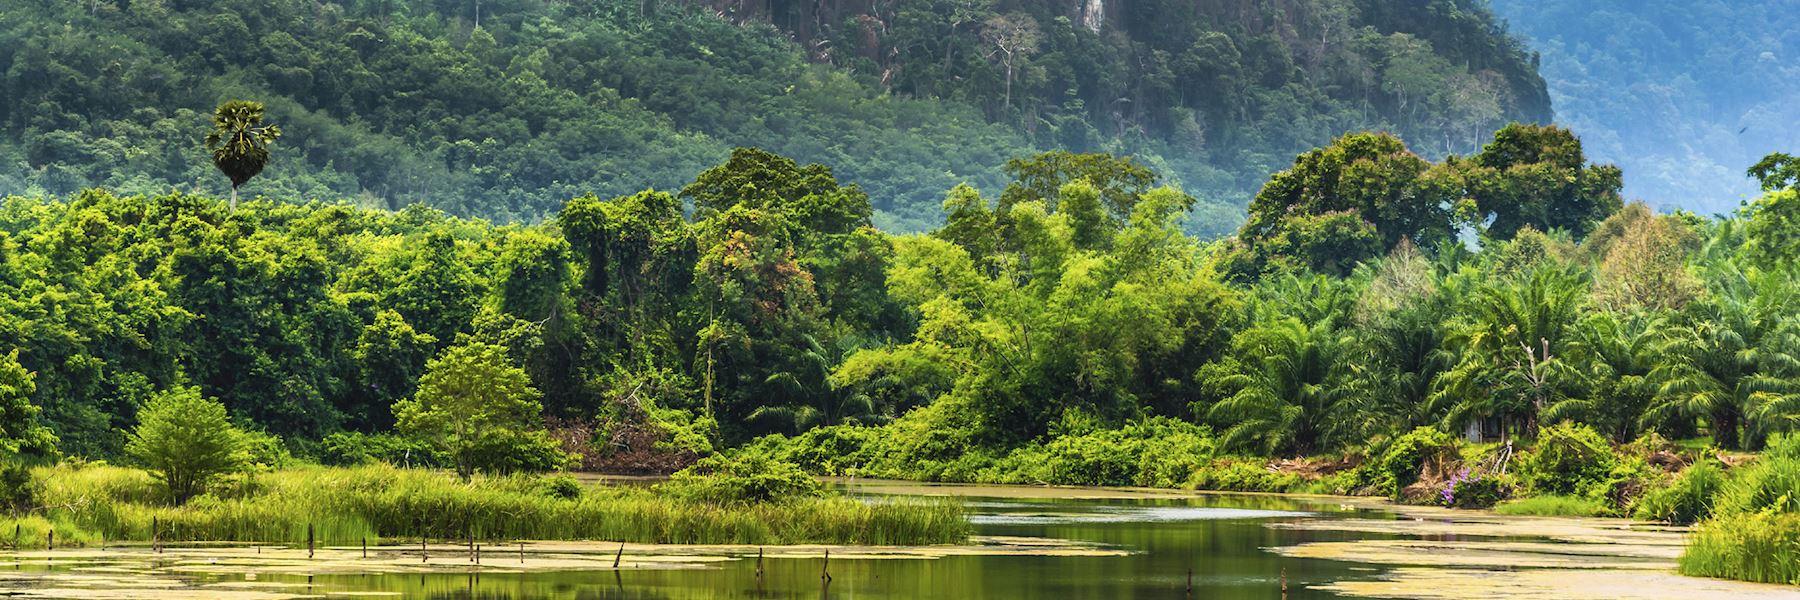 Visit Khao Yai National Park, Thailand